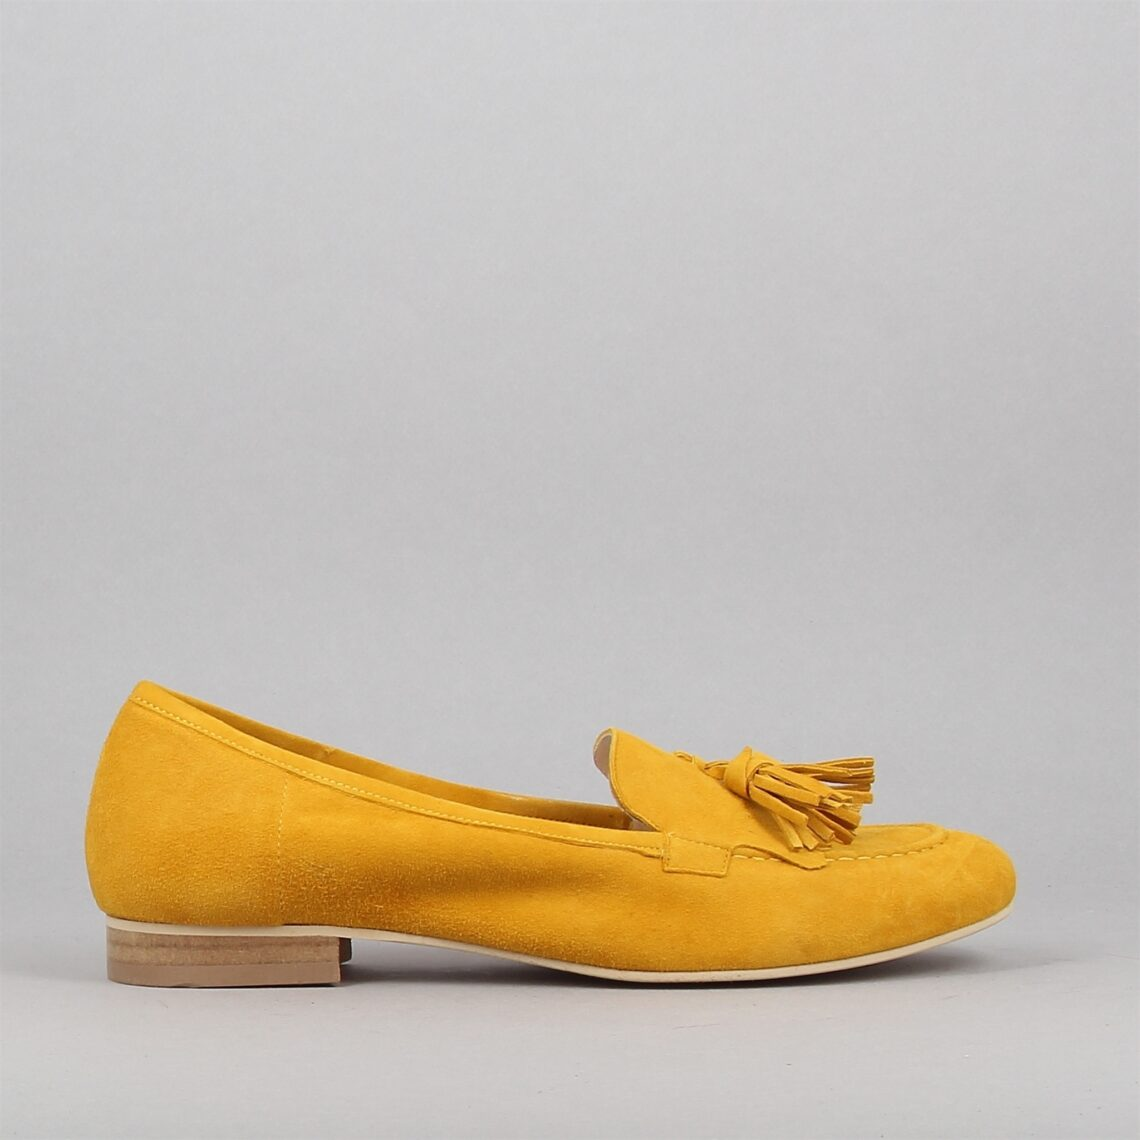 3000-jaune-170639362-0.jpg